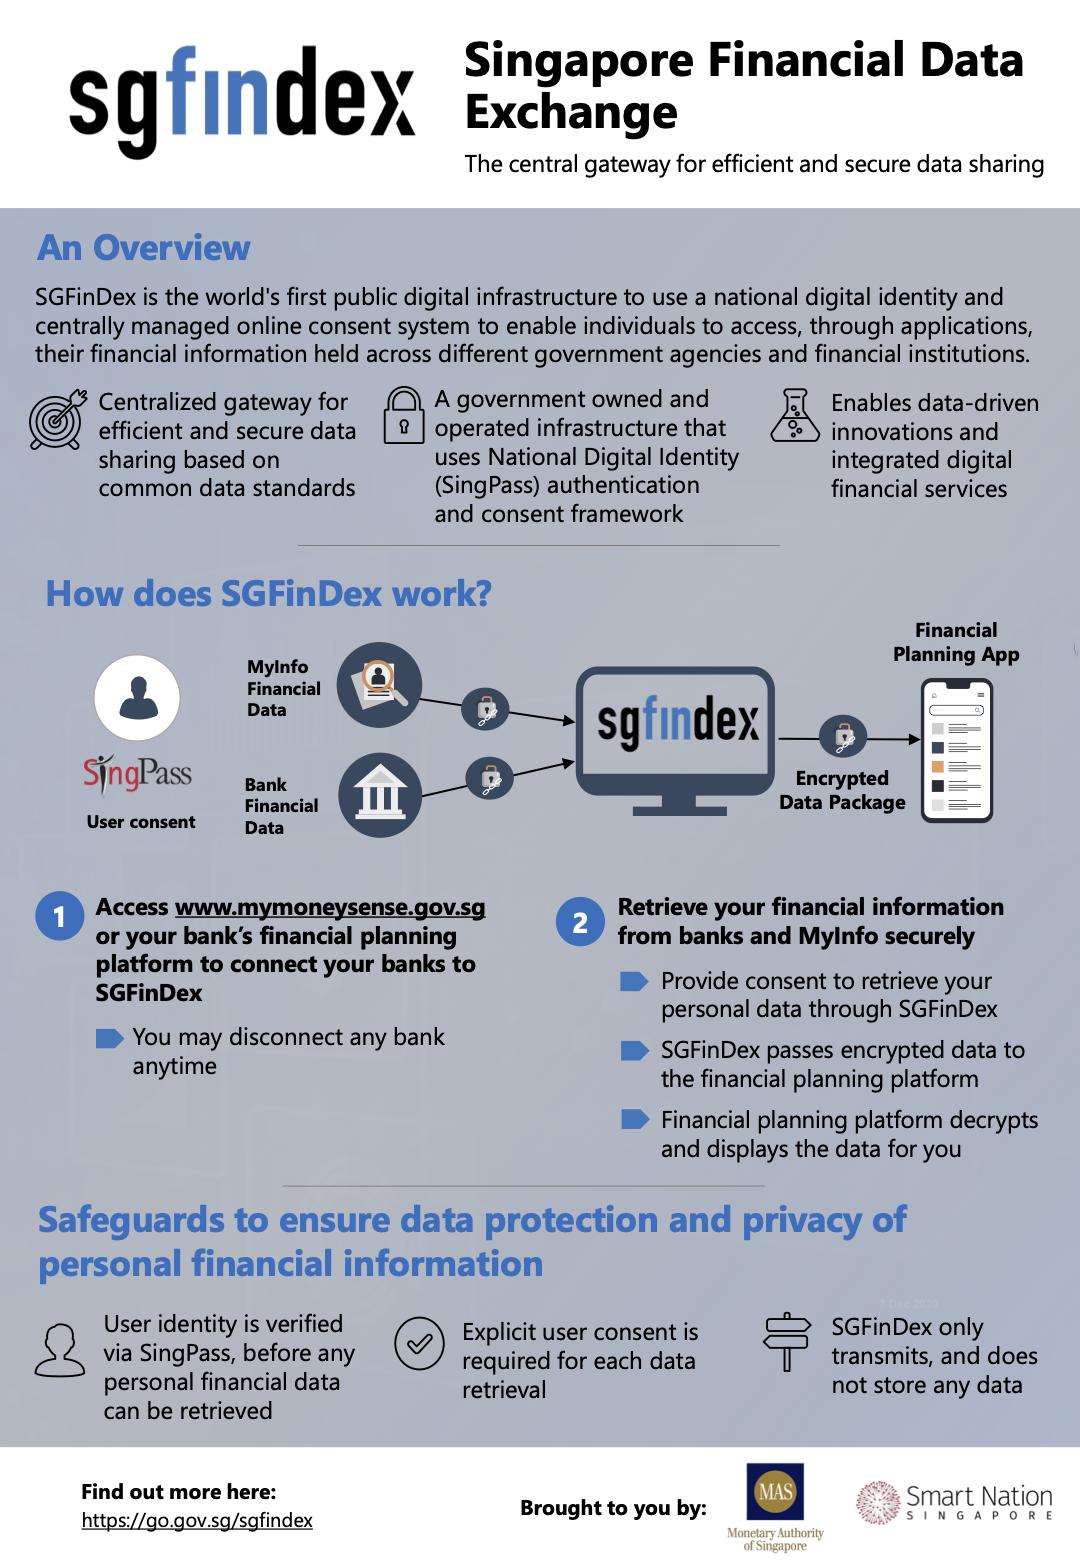 SGFinDex Infographic, Source: MAS, Dec 2020